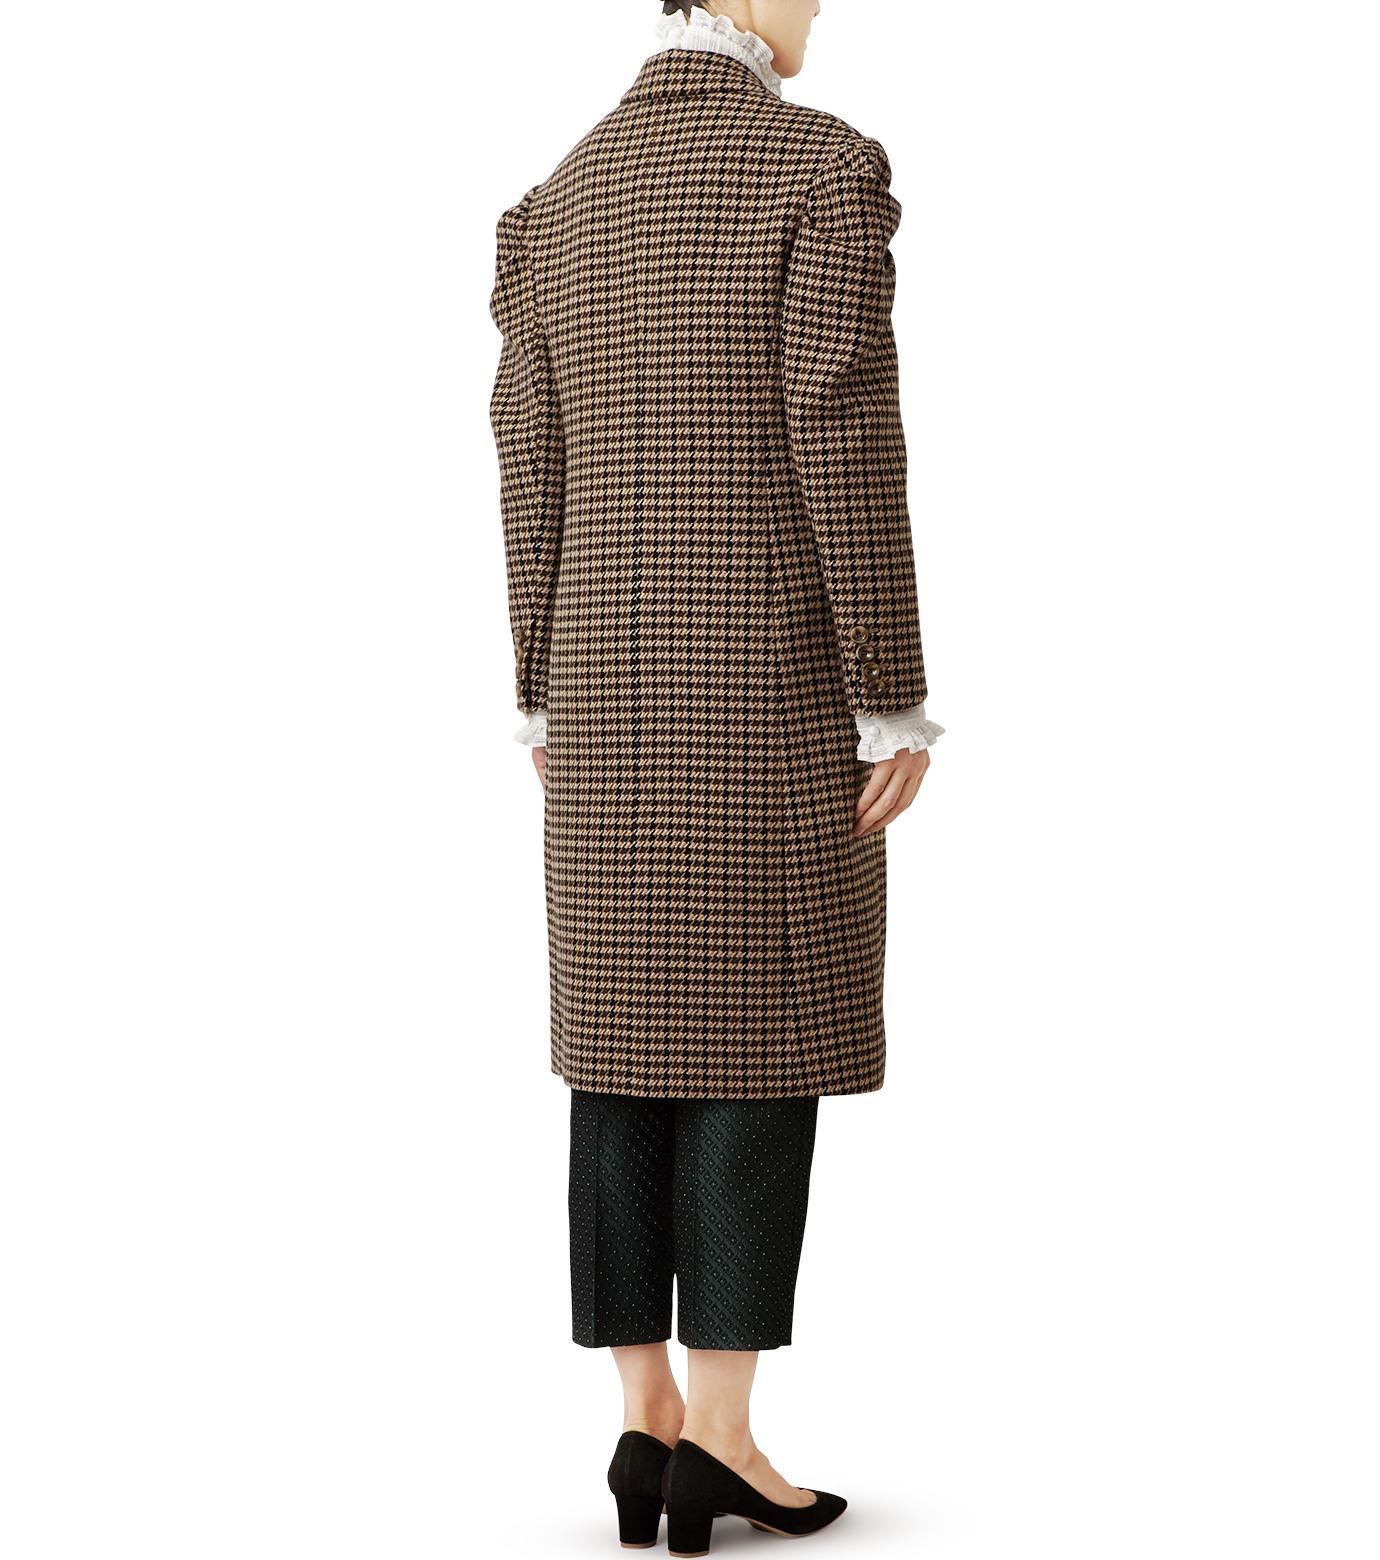 LE CIEL BLEU(ルシェルブルー)のガンクラブチェックパフコート-BEIGE(コート/coat)-18A69513 拡大詳細画像3